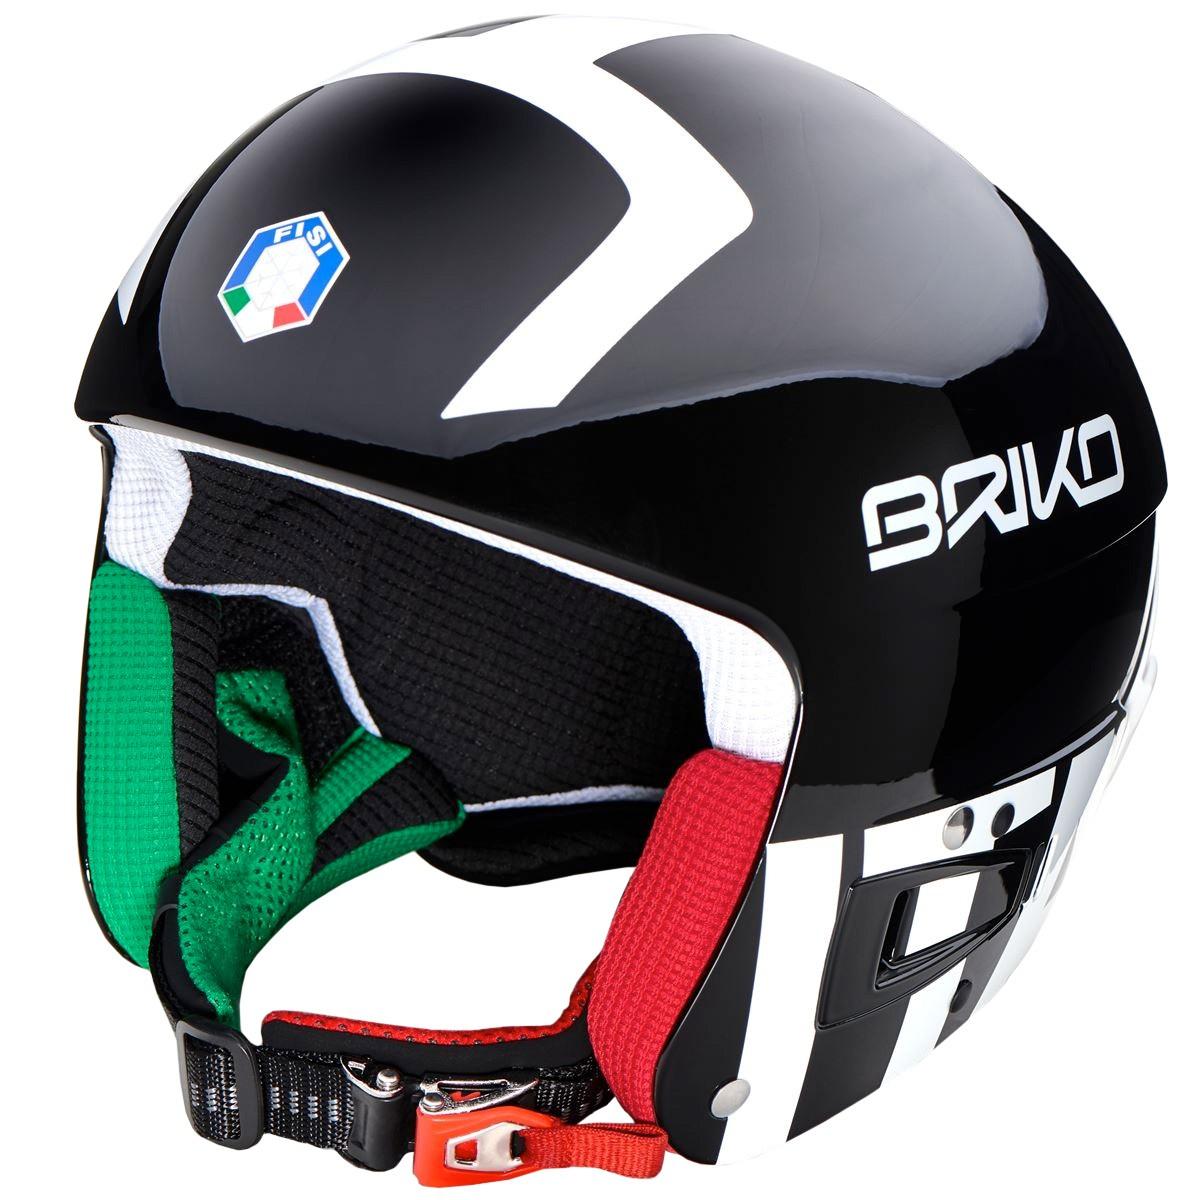 Casco sci Briko Vulcano 6.8 (Colore: shiny black white, Taglia: XS)